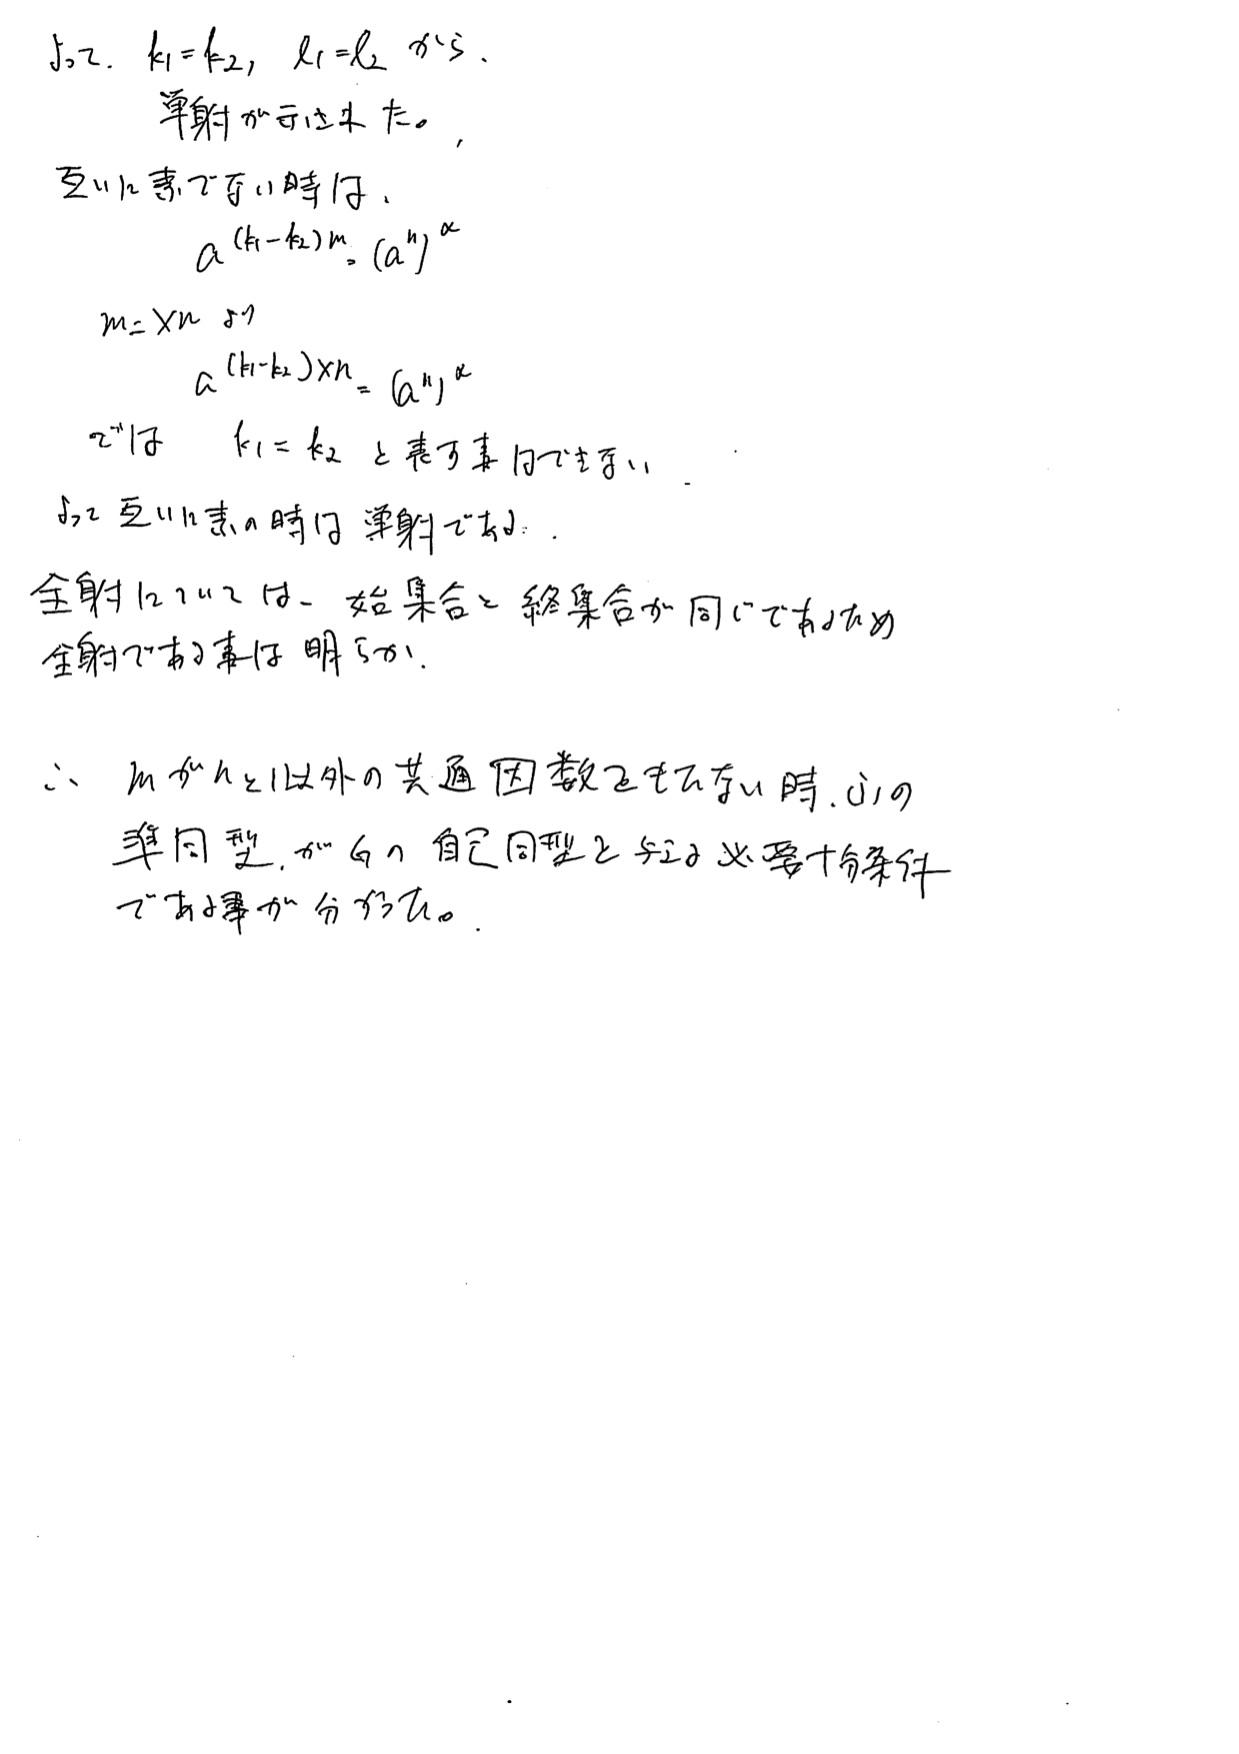 2_32.jpg